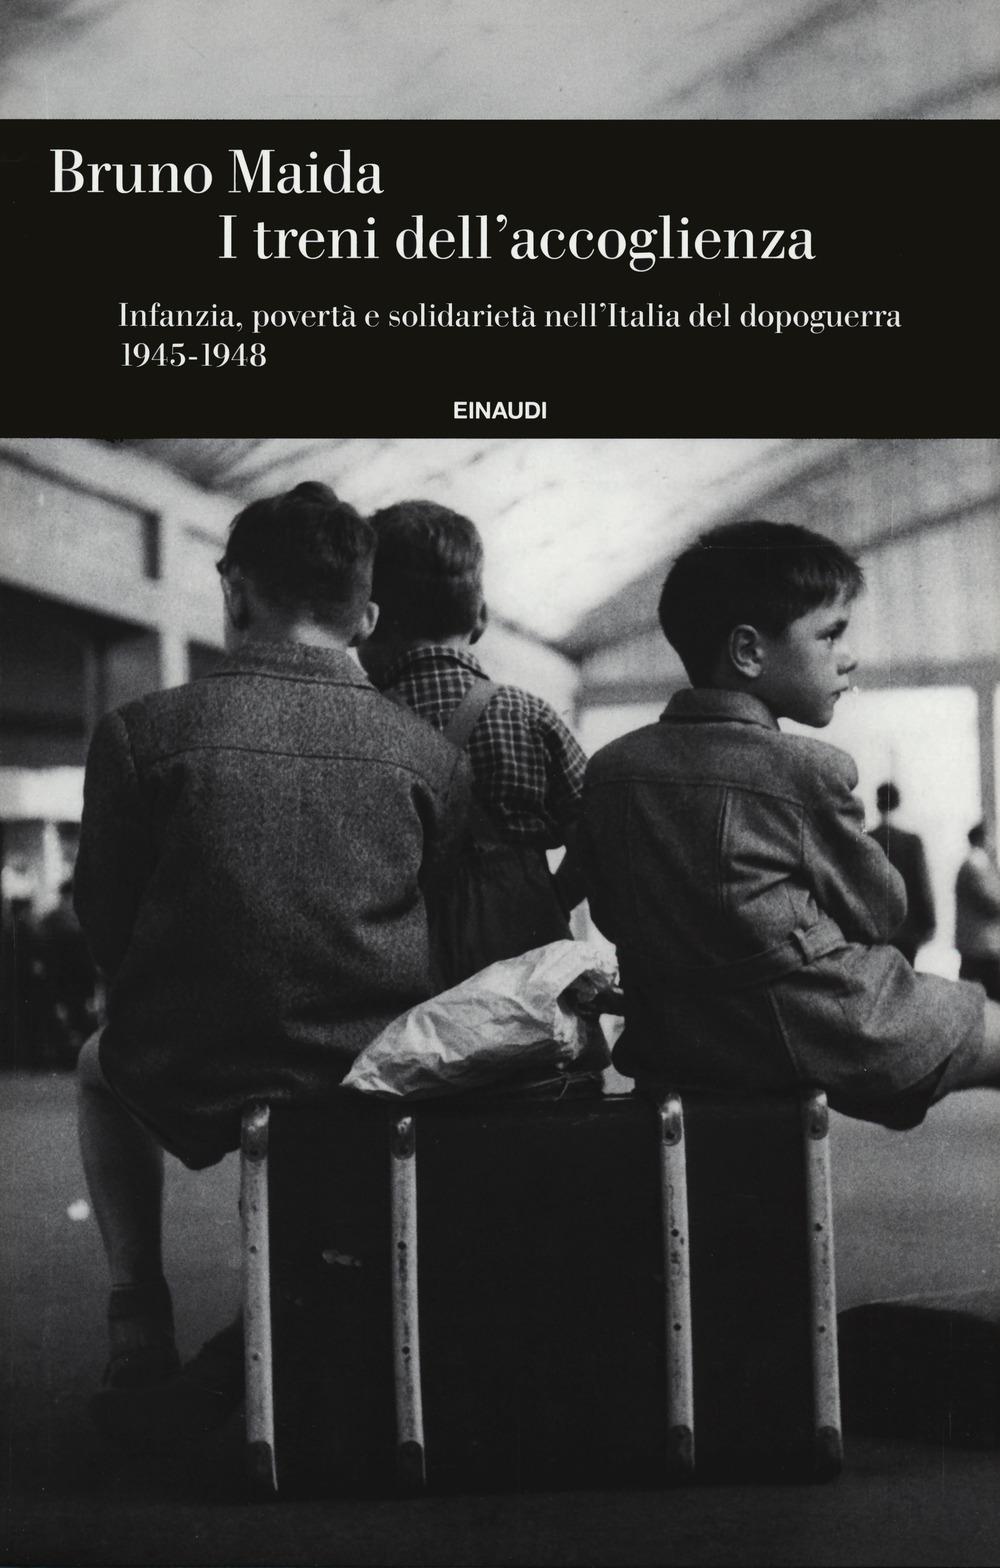 I treni dell'accoglienza. Infanzia, povertà e solidarietà nell'Italia del dopoguerra 1945-1948